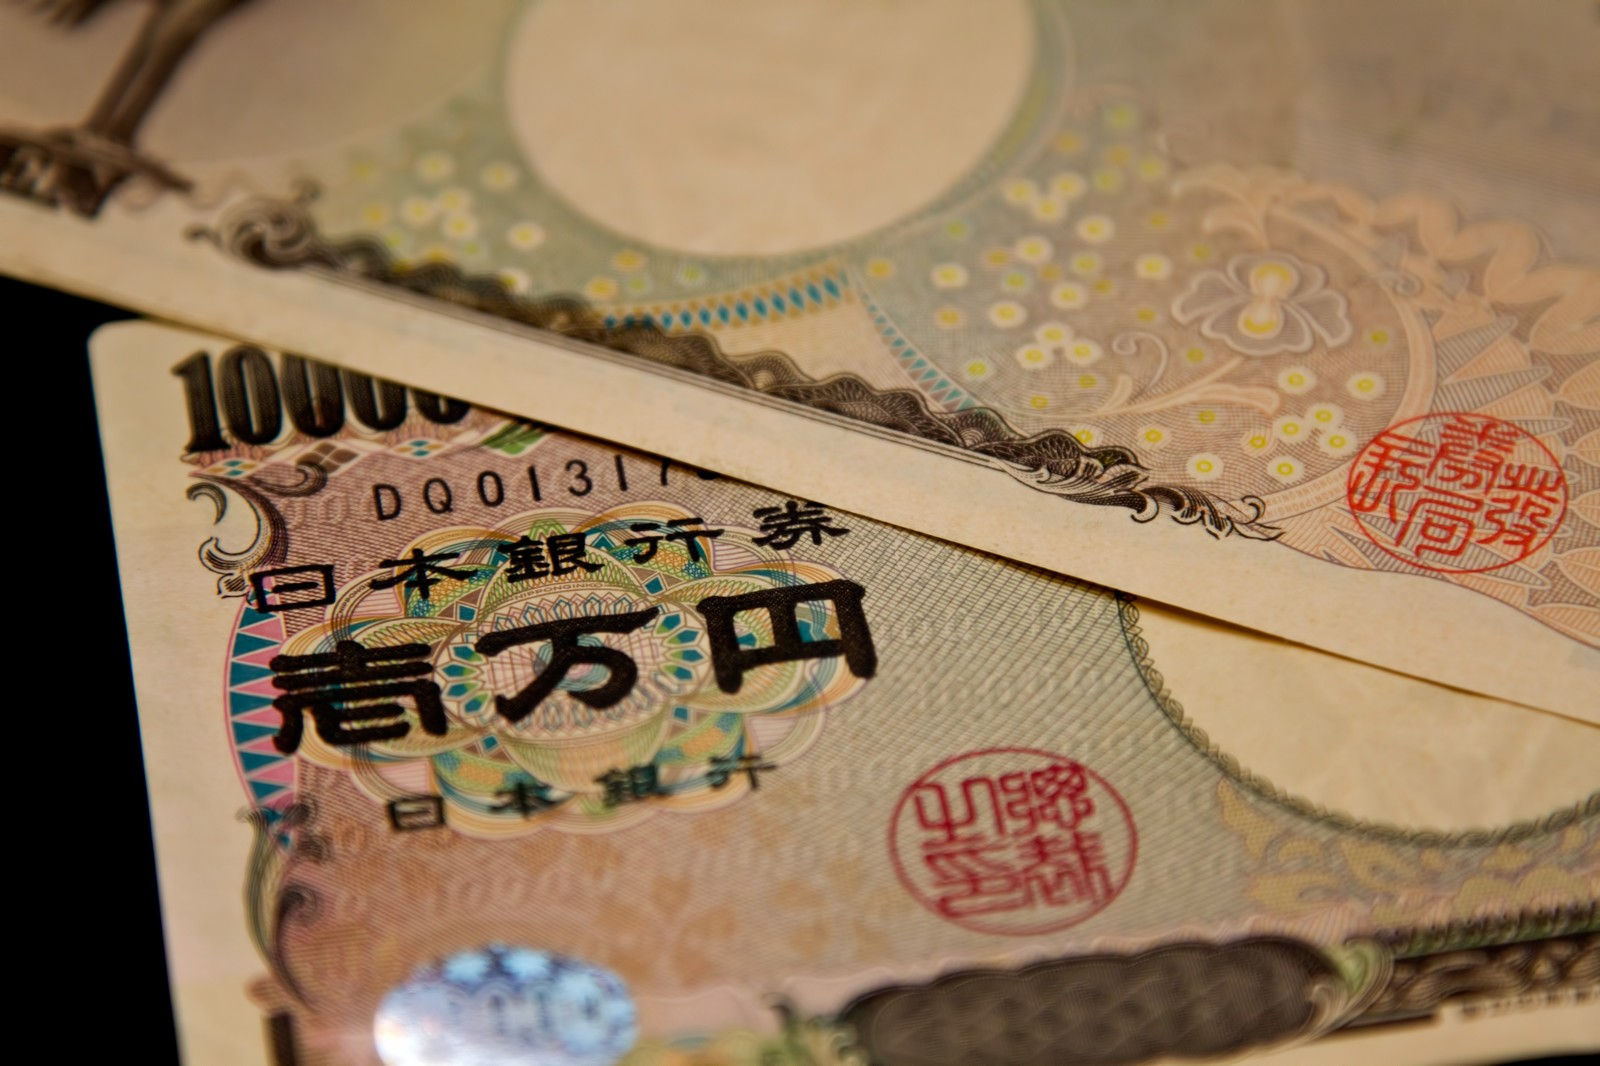 新入社員の平均年収や手取り、ボーナスの実態。中には500万円超えもいる?